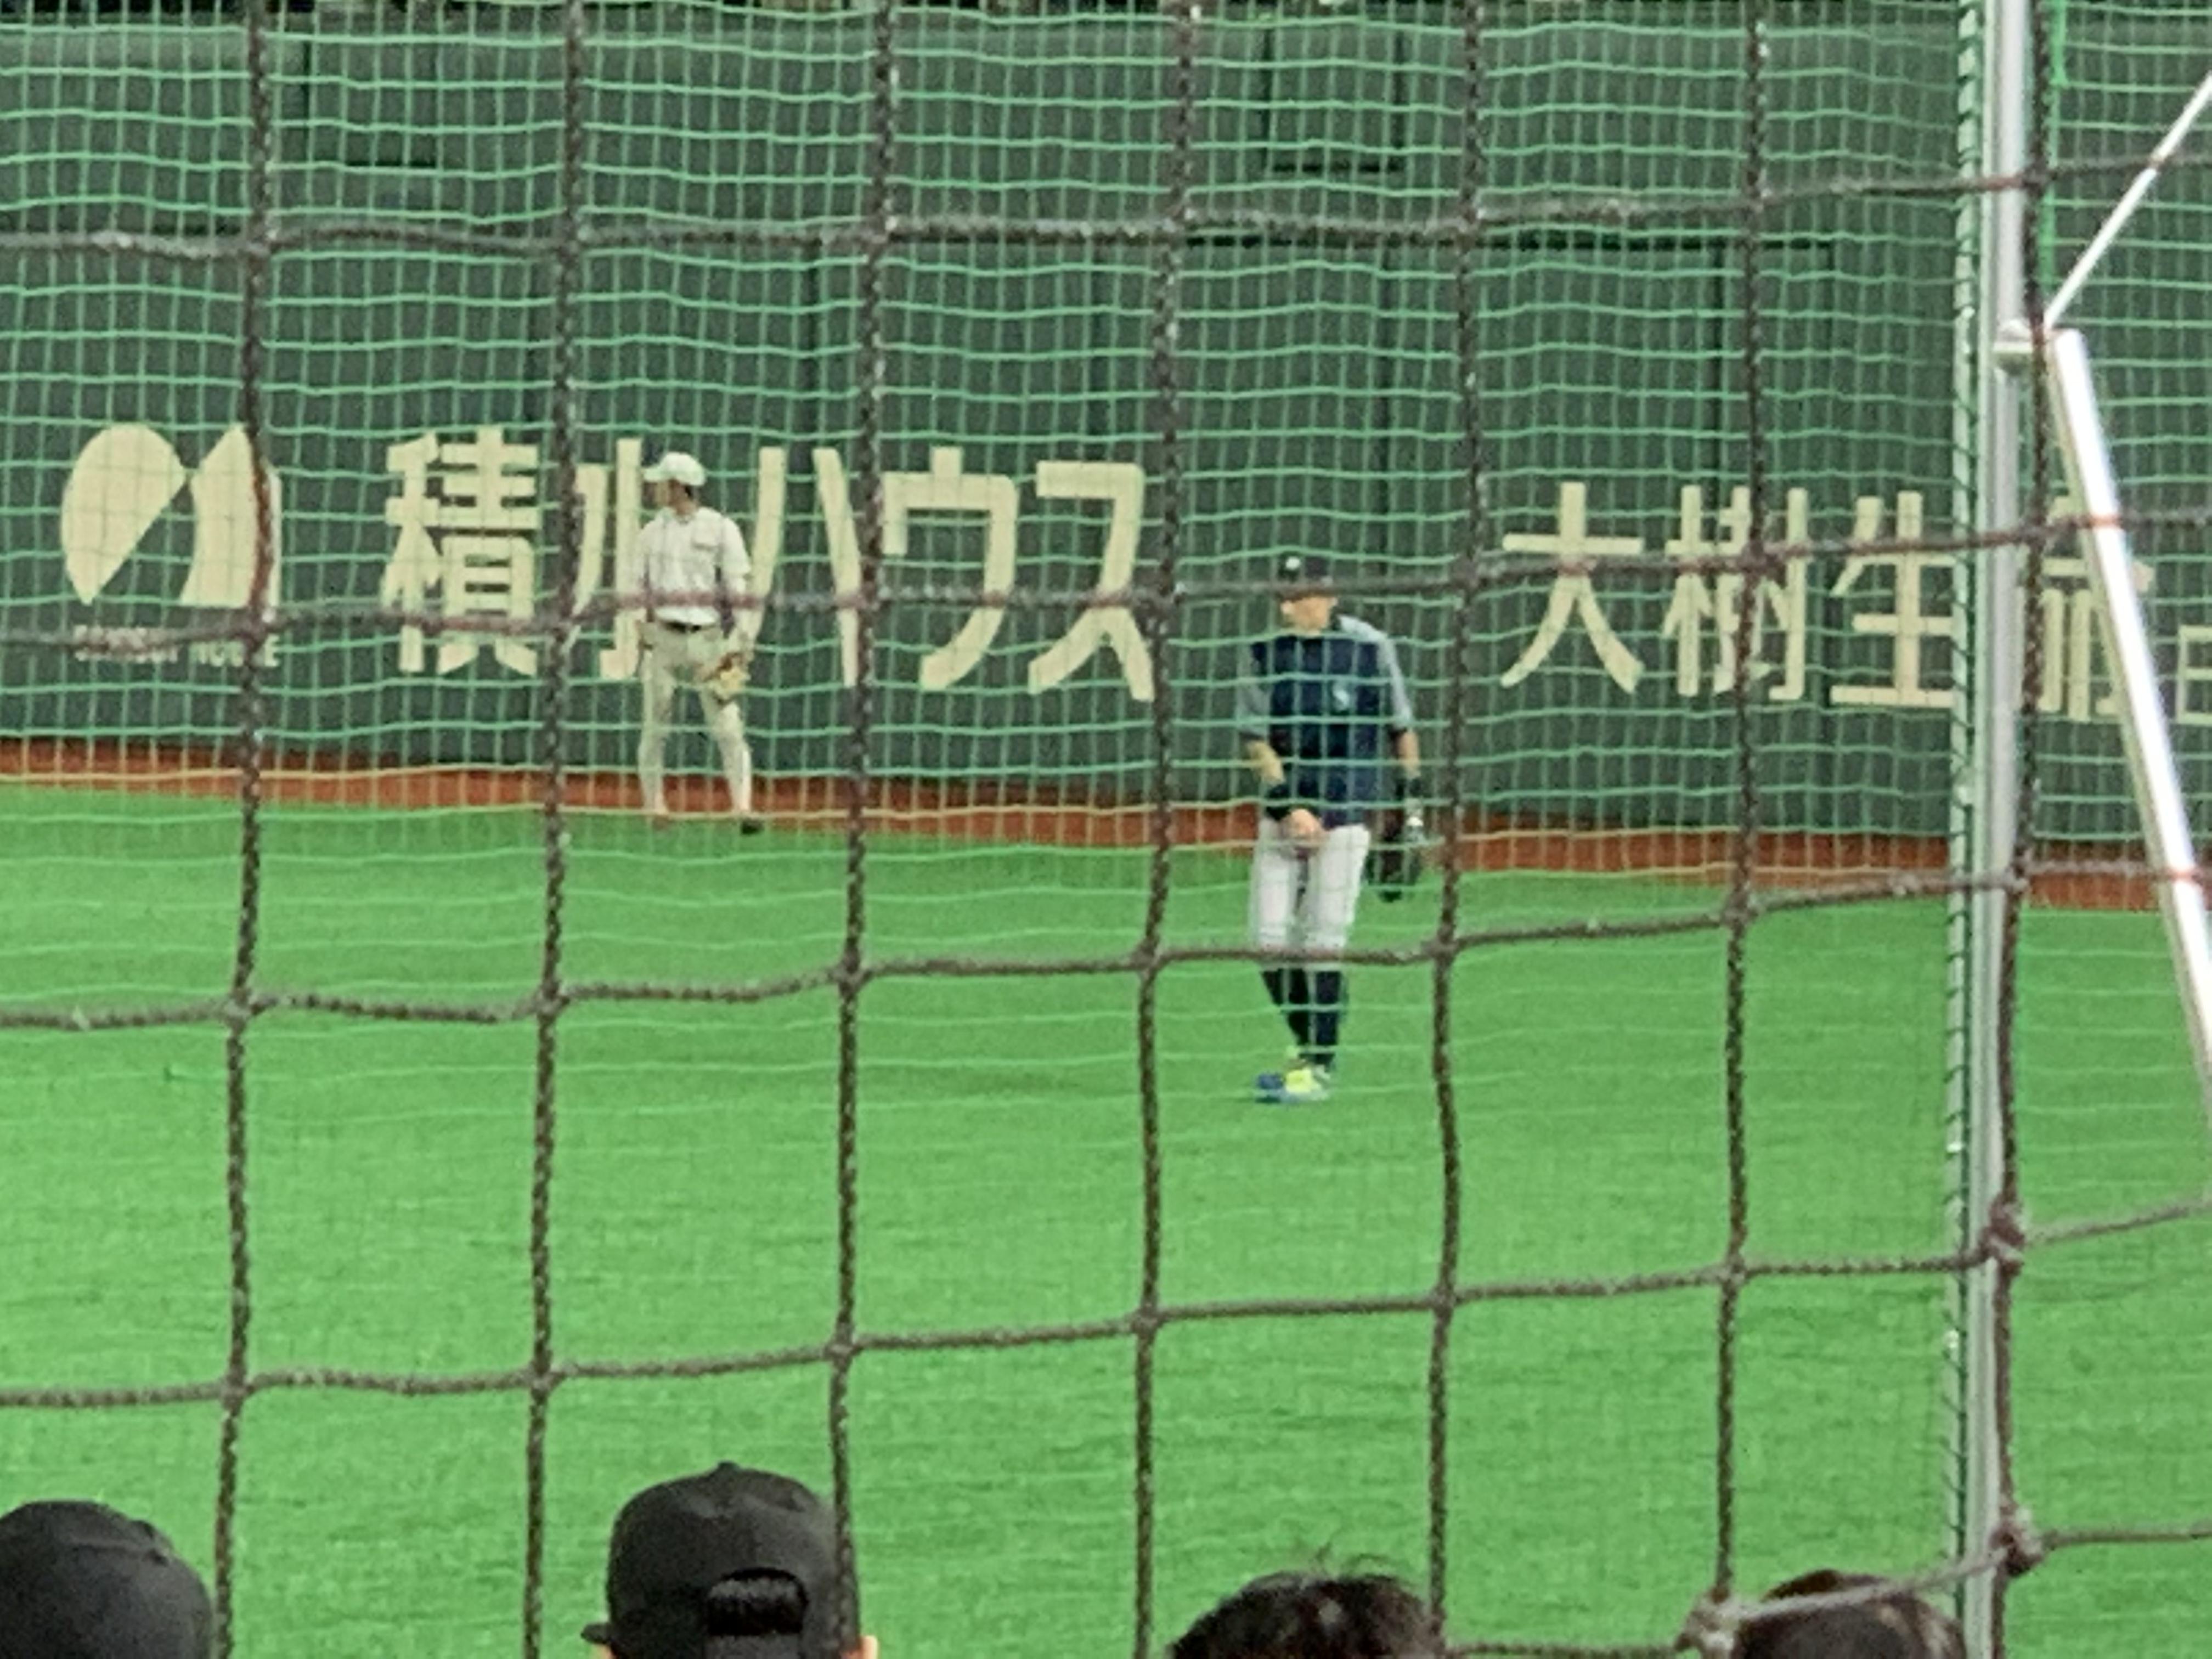 東京ドーム 3月20日 試合前のイチロー選手